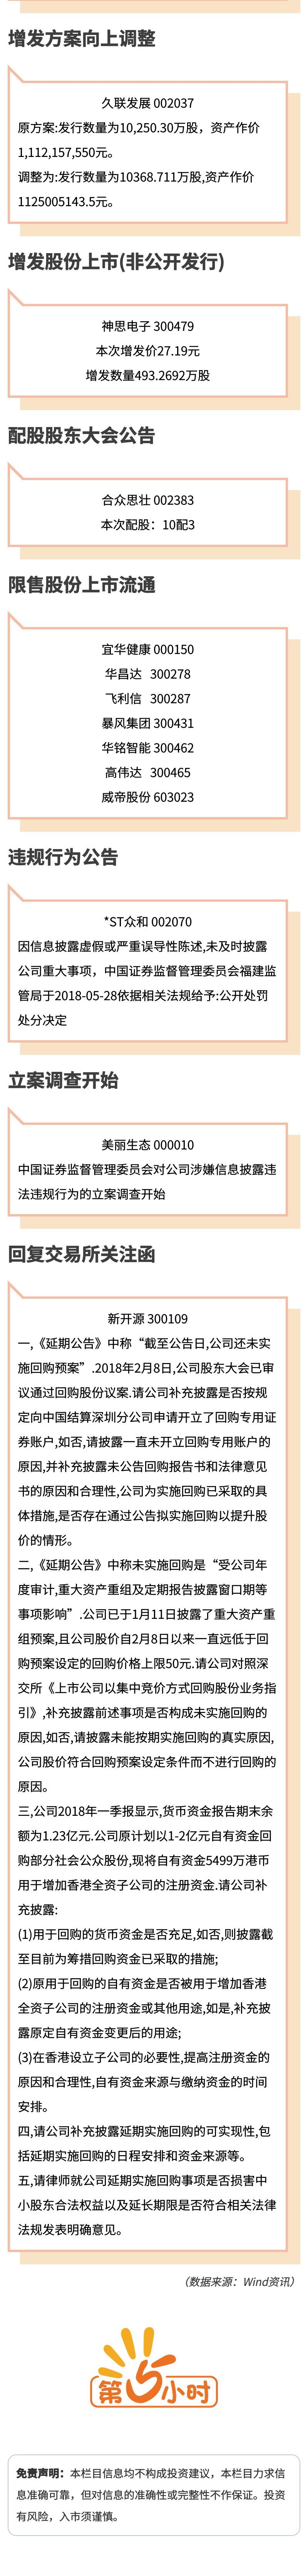 A股特别提示(2018-05-30)2.jpg